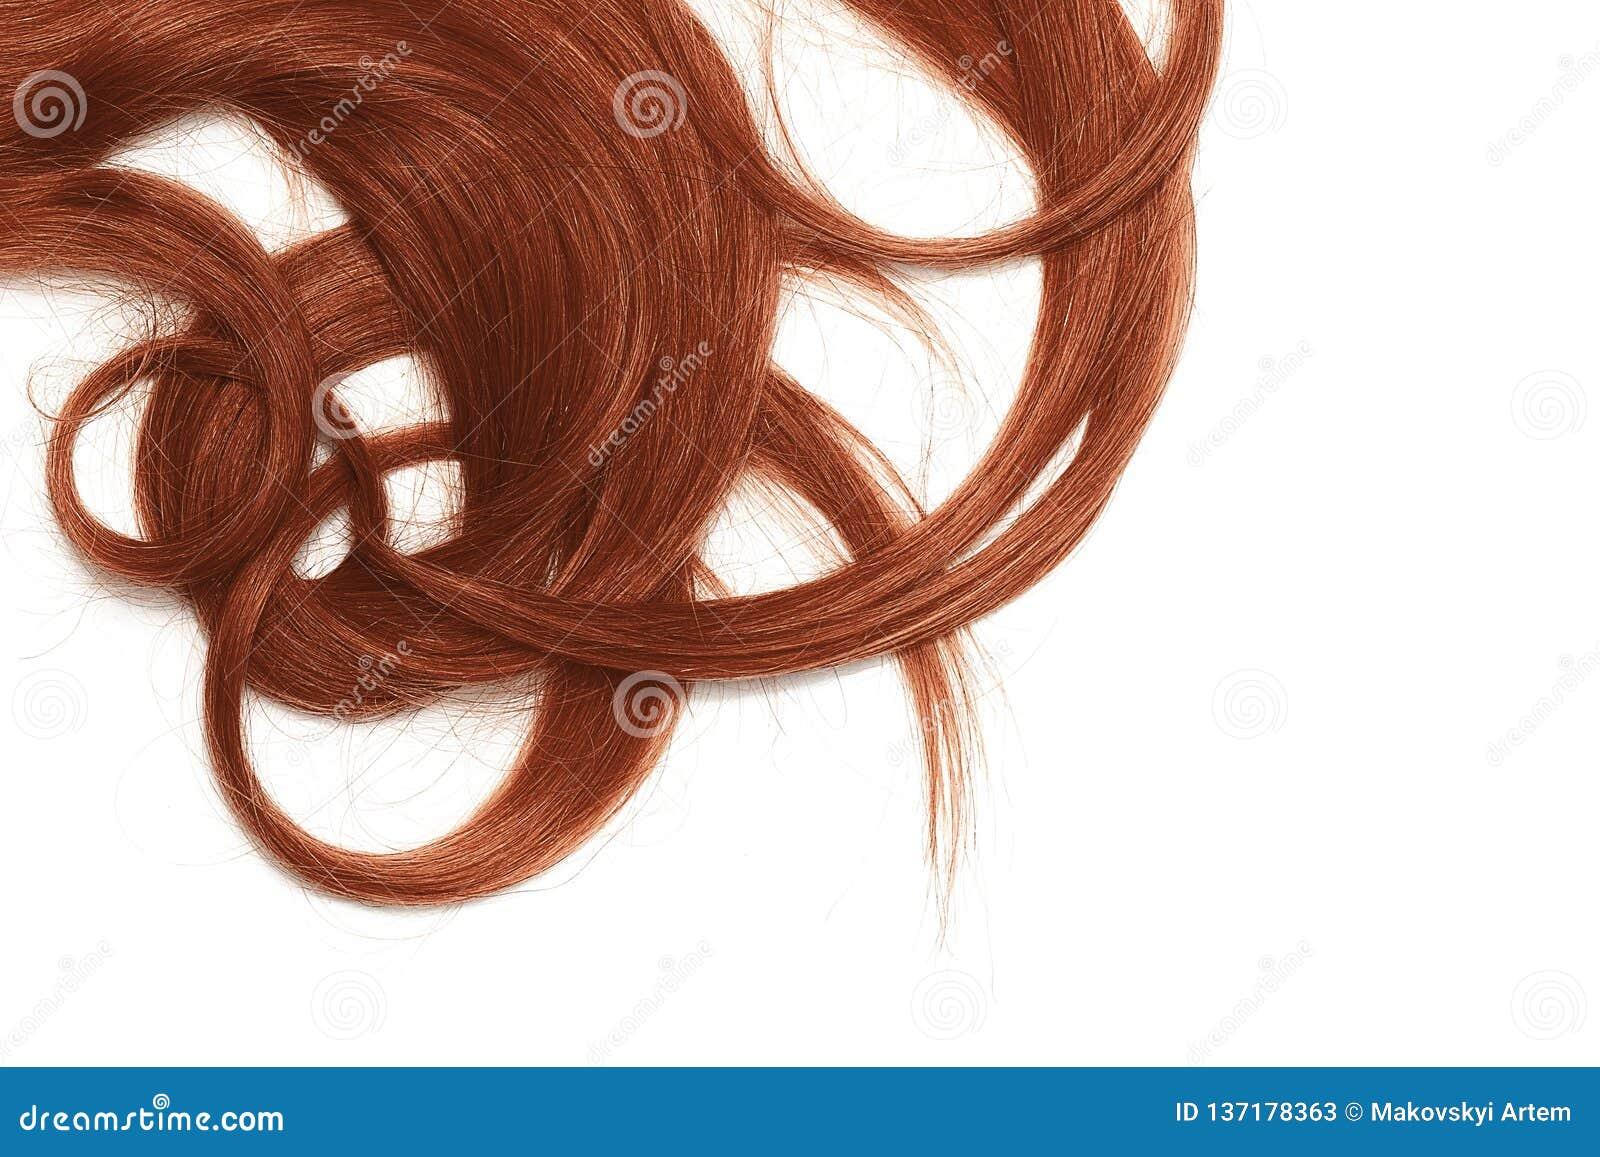 Costas de longo, torcidas, cabelo da hena isolado no fundo branco